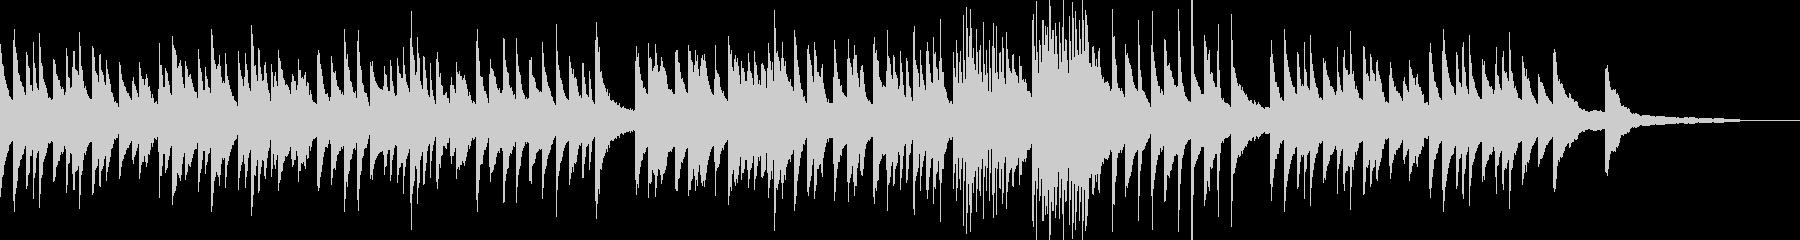 4分の3拍子の落ち着いたピアノバラードの未再生の波形